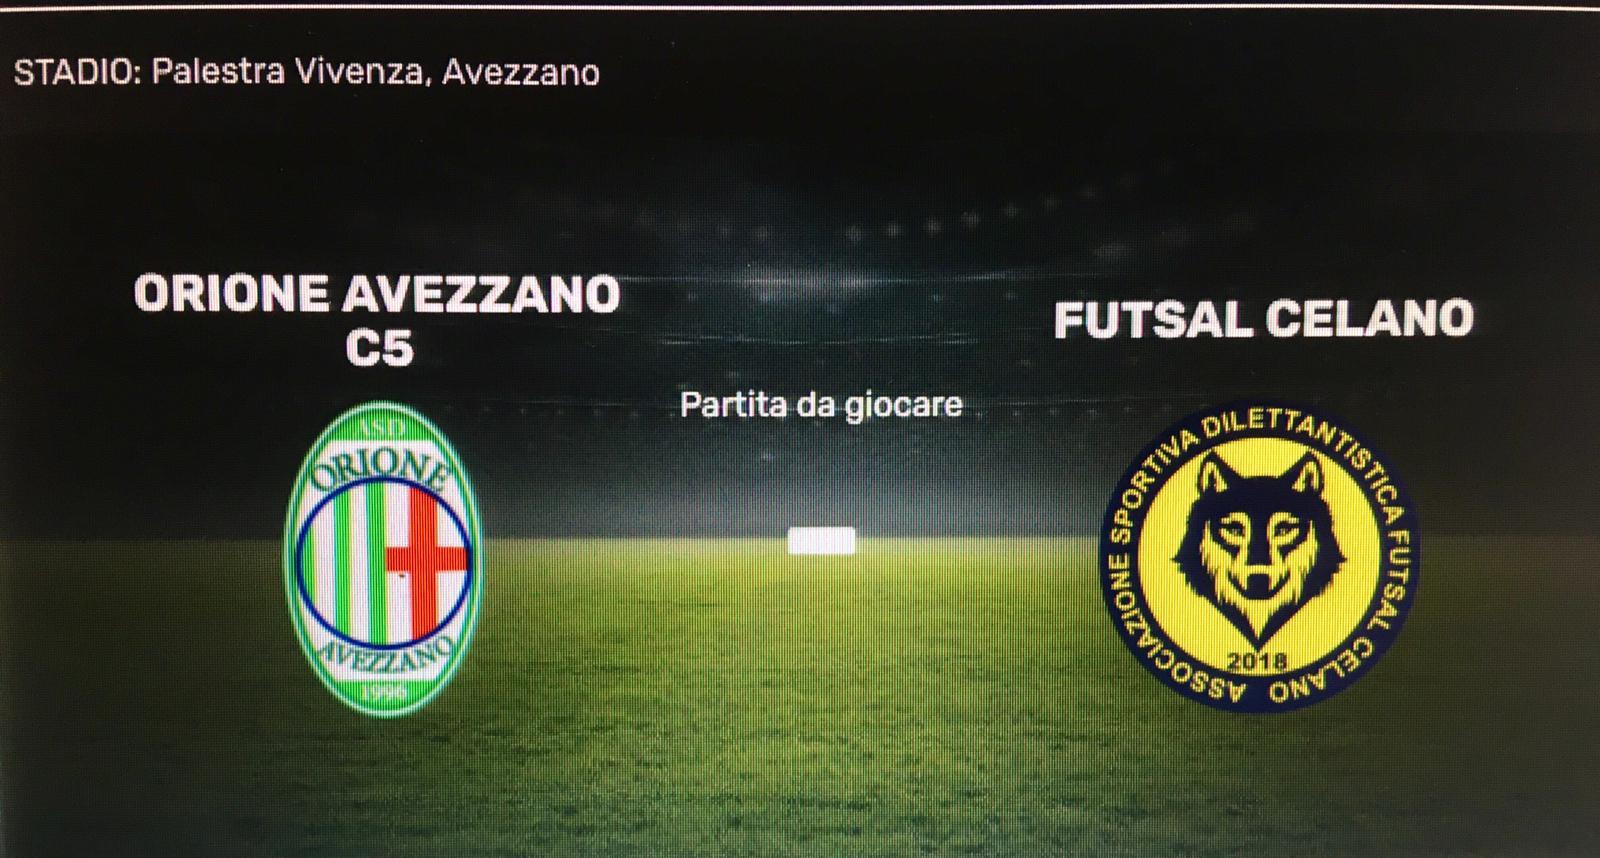 Futsal: Derby tra Orione C5 e Futsal Celano agli ottavi di Coppa Italia